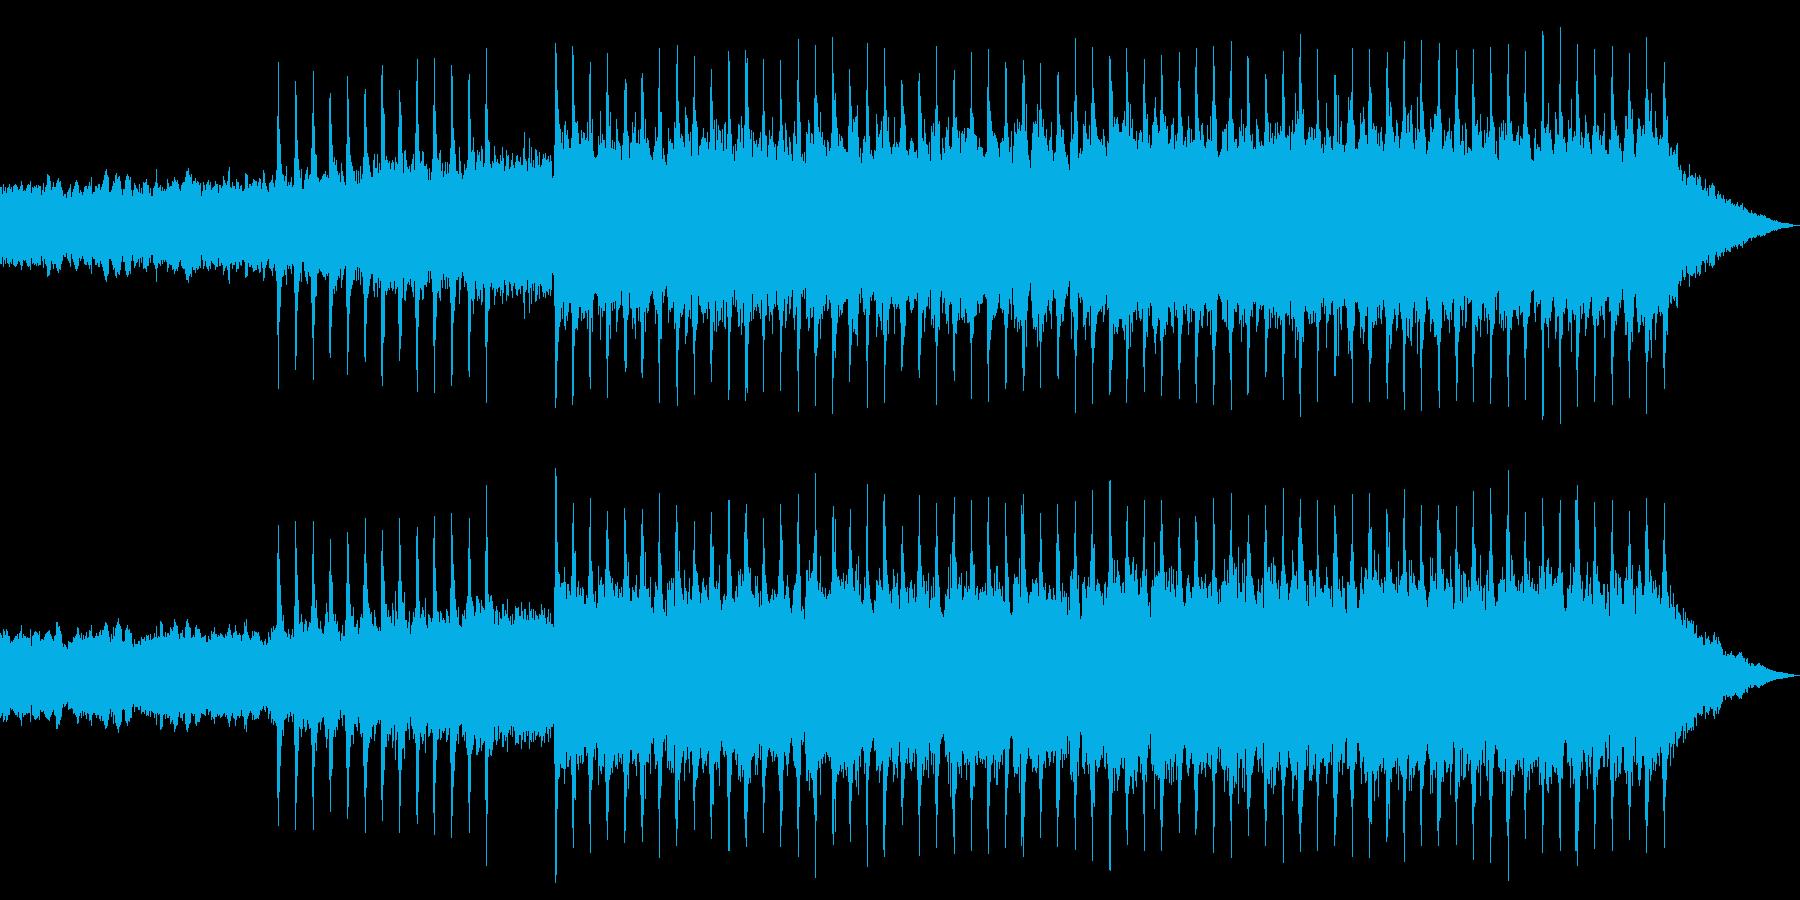 激しいエキサイティングオープニングロックの再生済みの波形